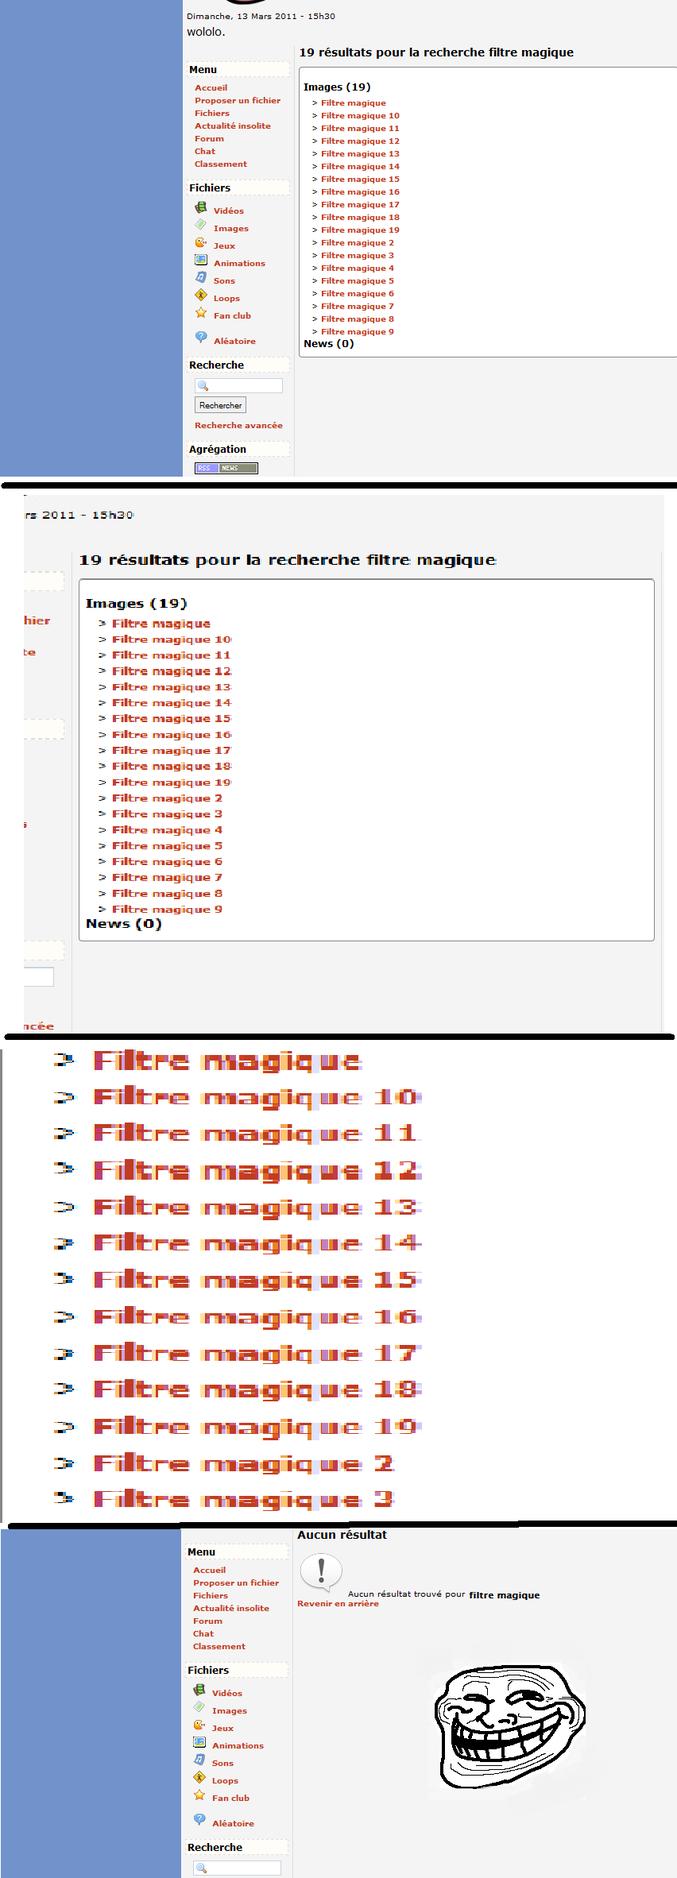 Un filtre spatio-temporel supprimant la série des filtres magiques. Utopie.